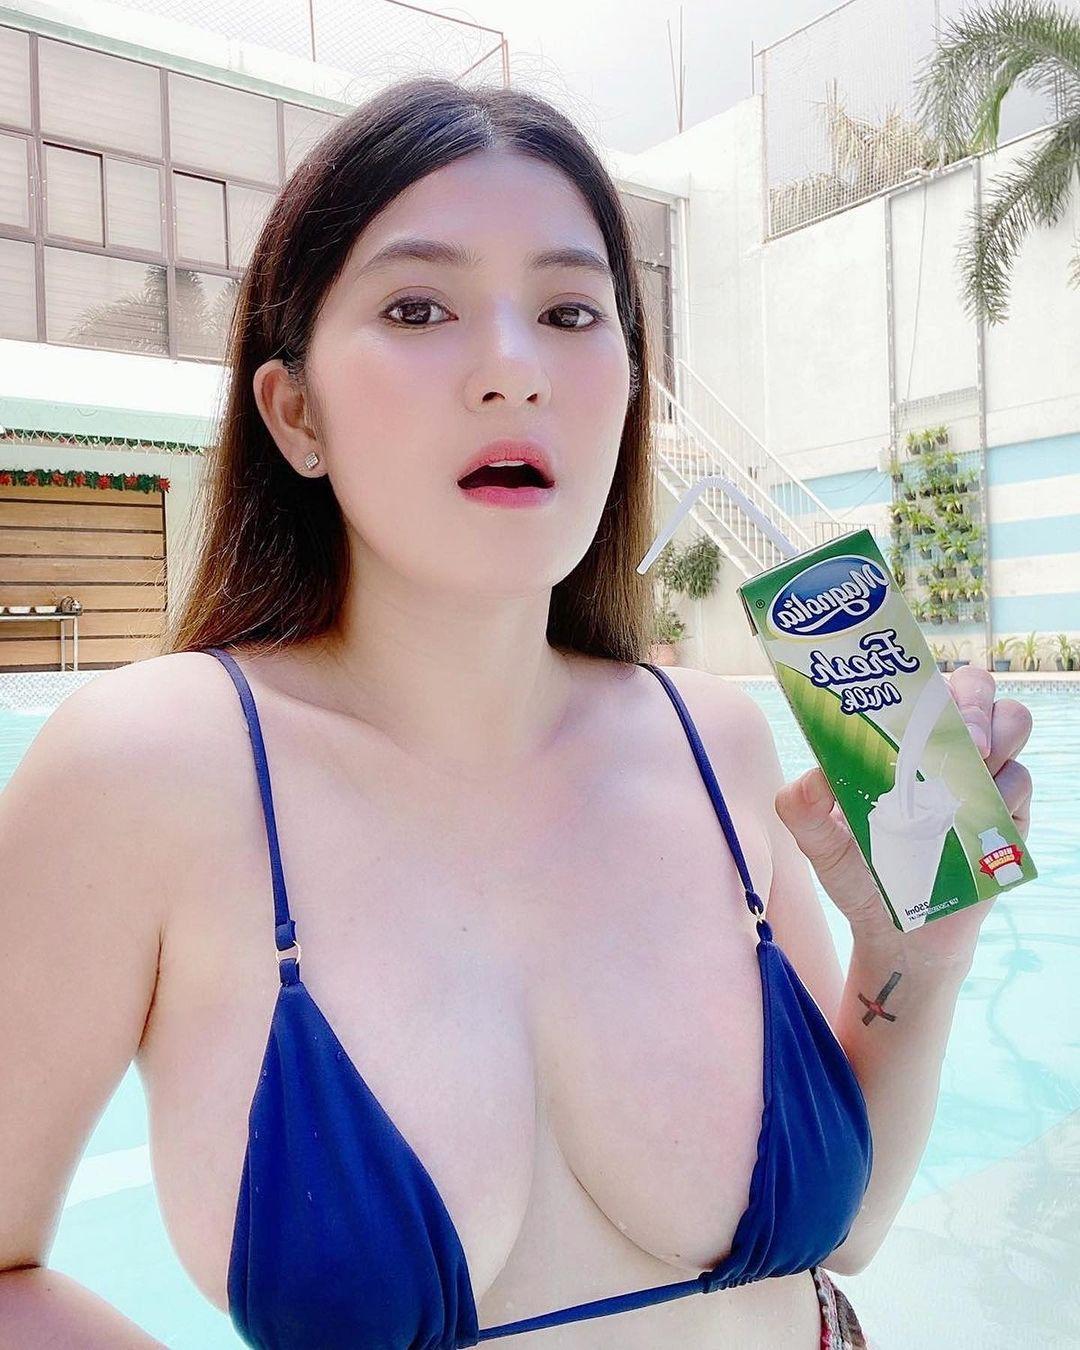 aizskat สาวเซ็กซี่ สาวสวยน่ารัก เห็นแล้วรู้สึกอยากกินนม ขอดูดซักข้างเถอะ